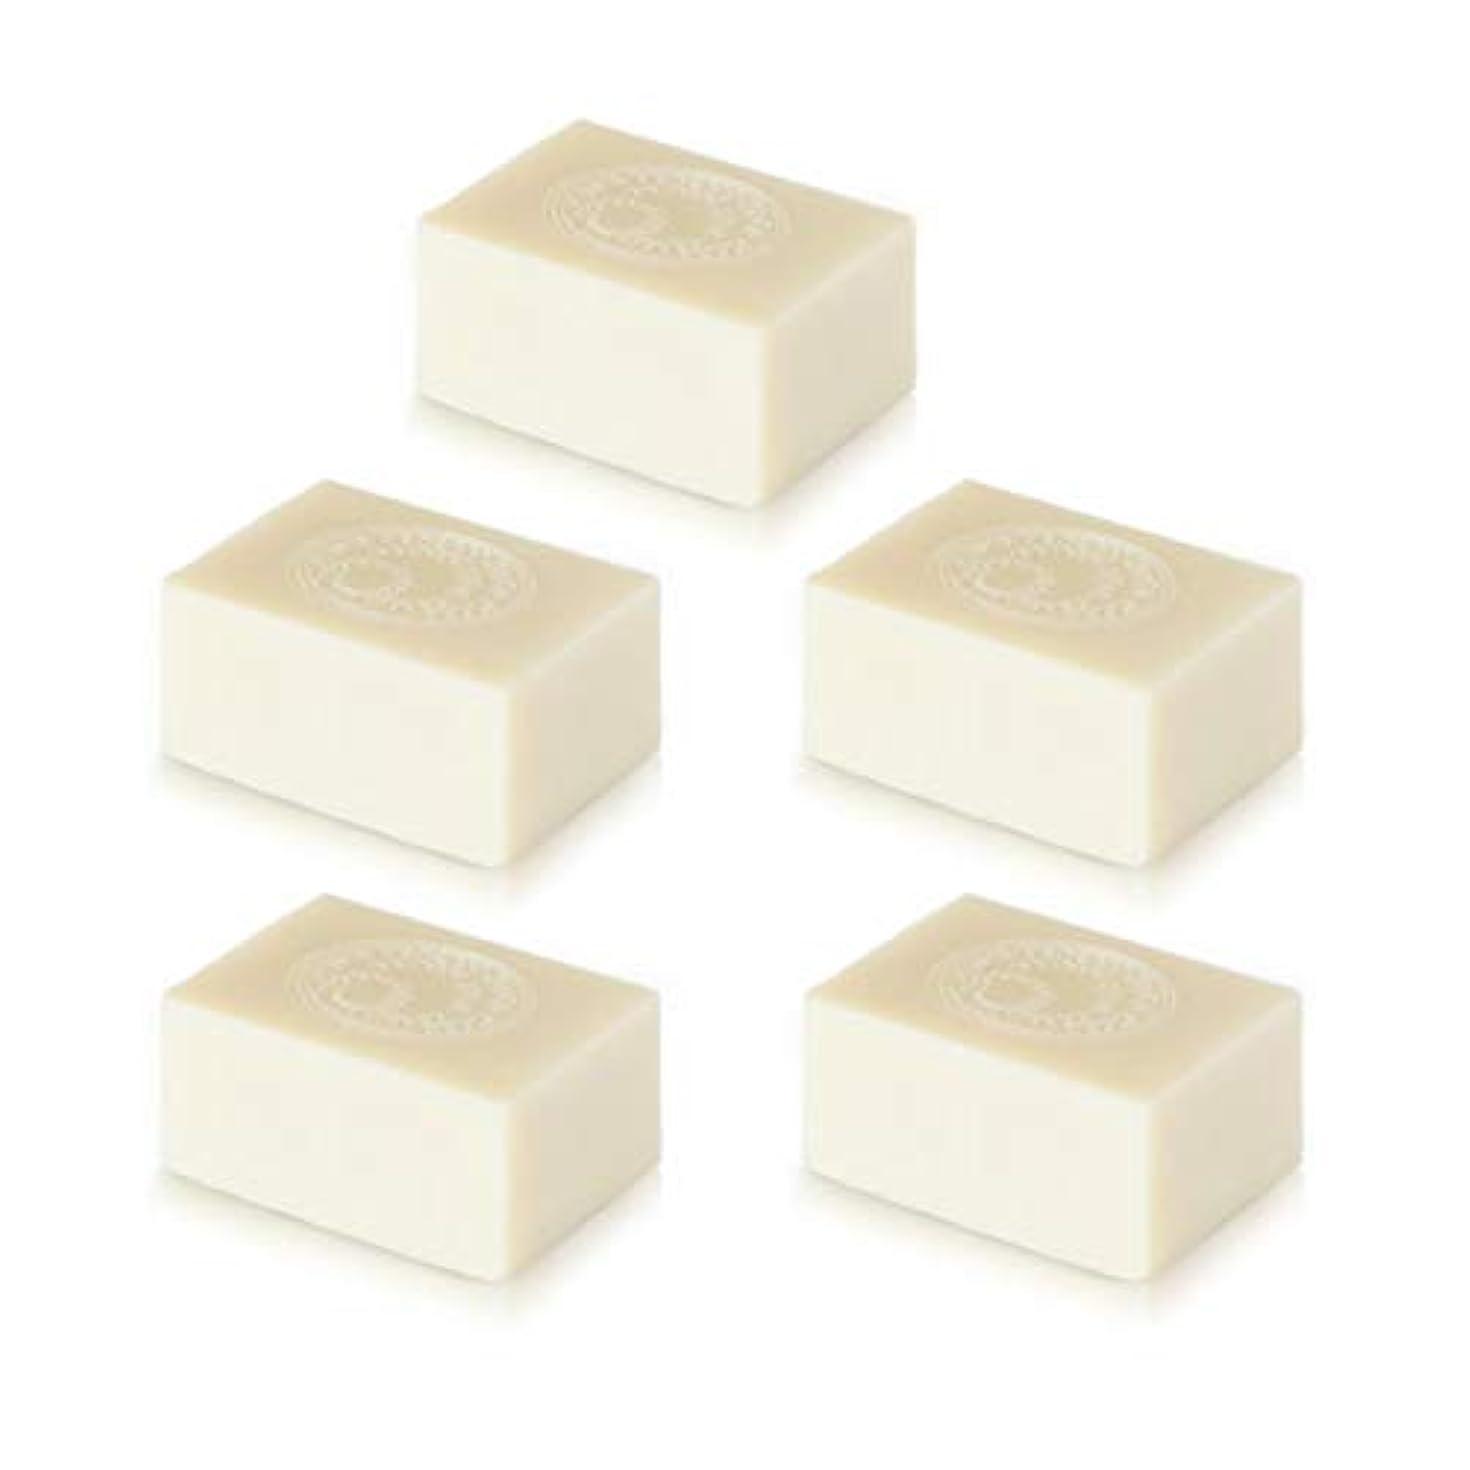 マトロン放課後ドライバナイアード アルガン石鹸5個セット( 145g ×5個)無添加アルガン石鹸